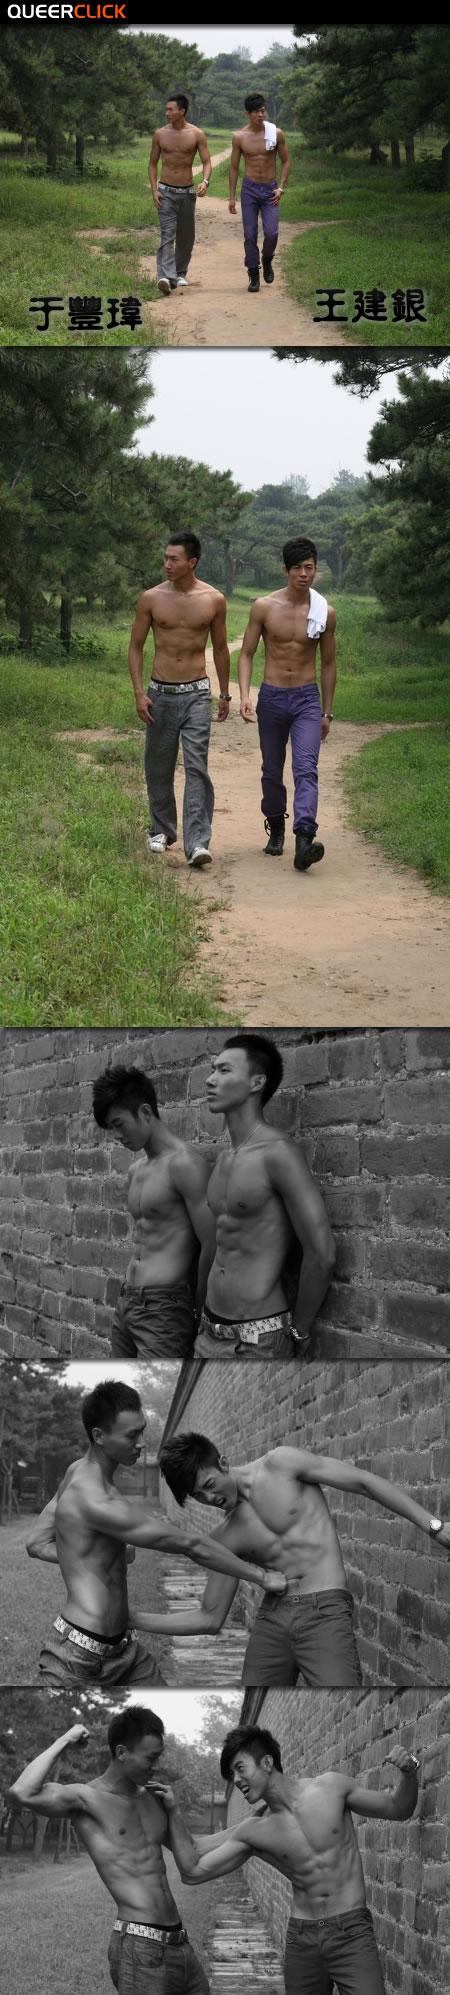 王建銀、于豐瑋裸身PK胸肌(二)